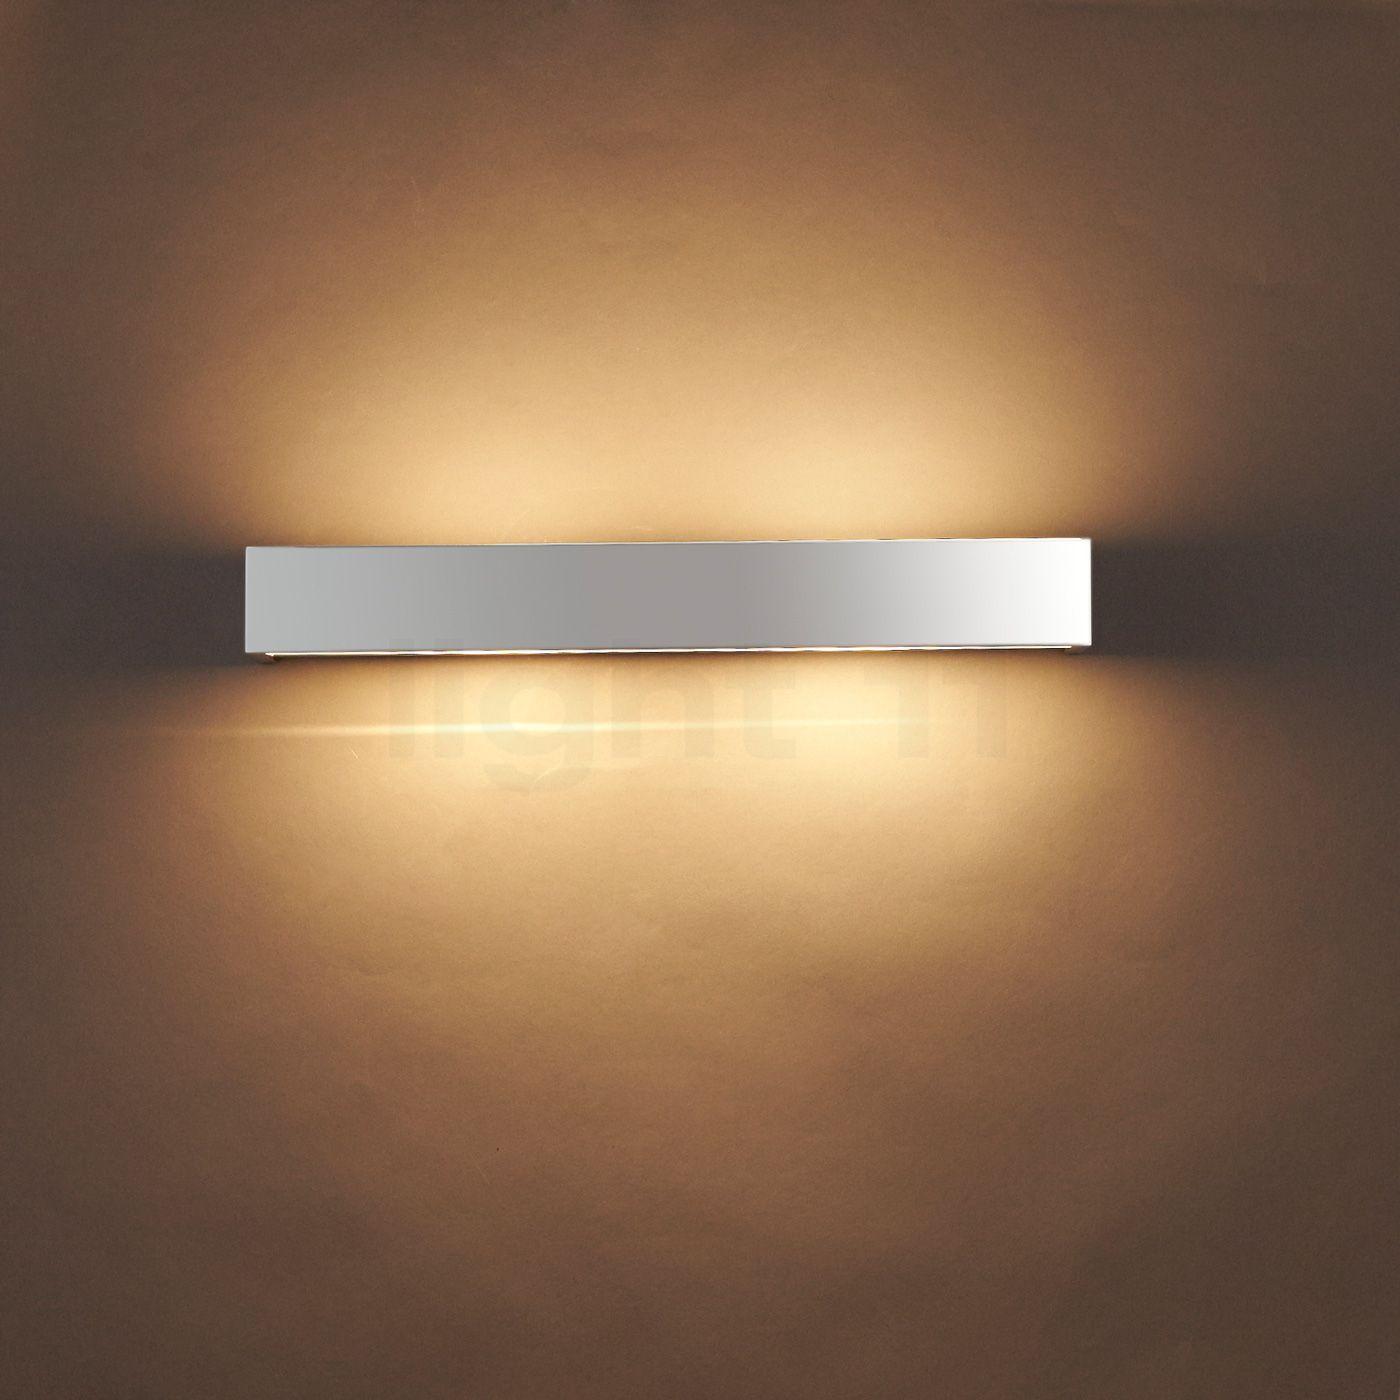 Buy Decor Walther Box 40 - Wall Light Halo at light11.eu